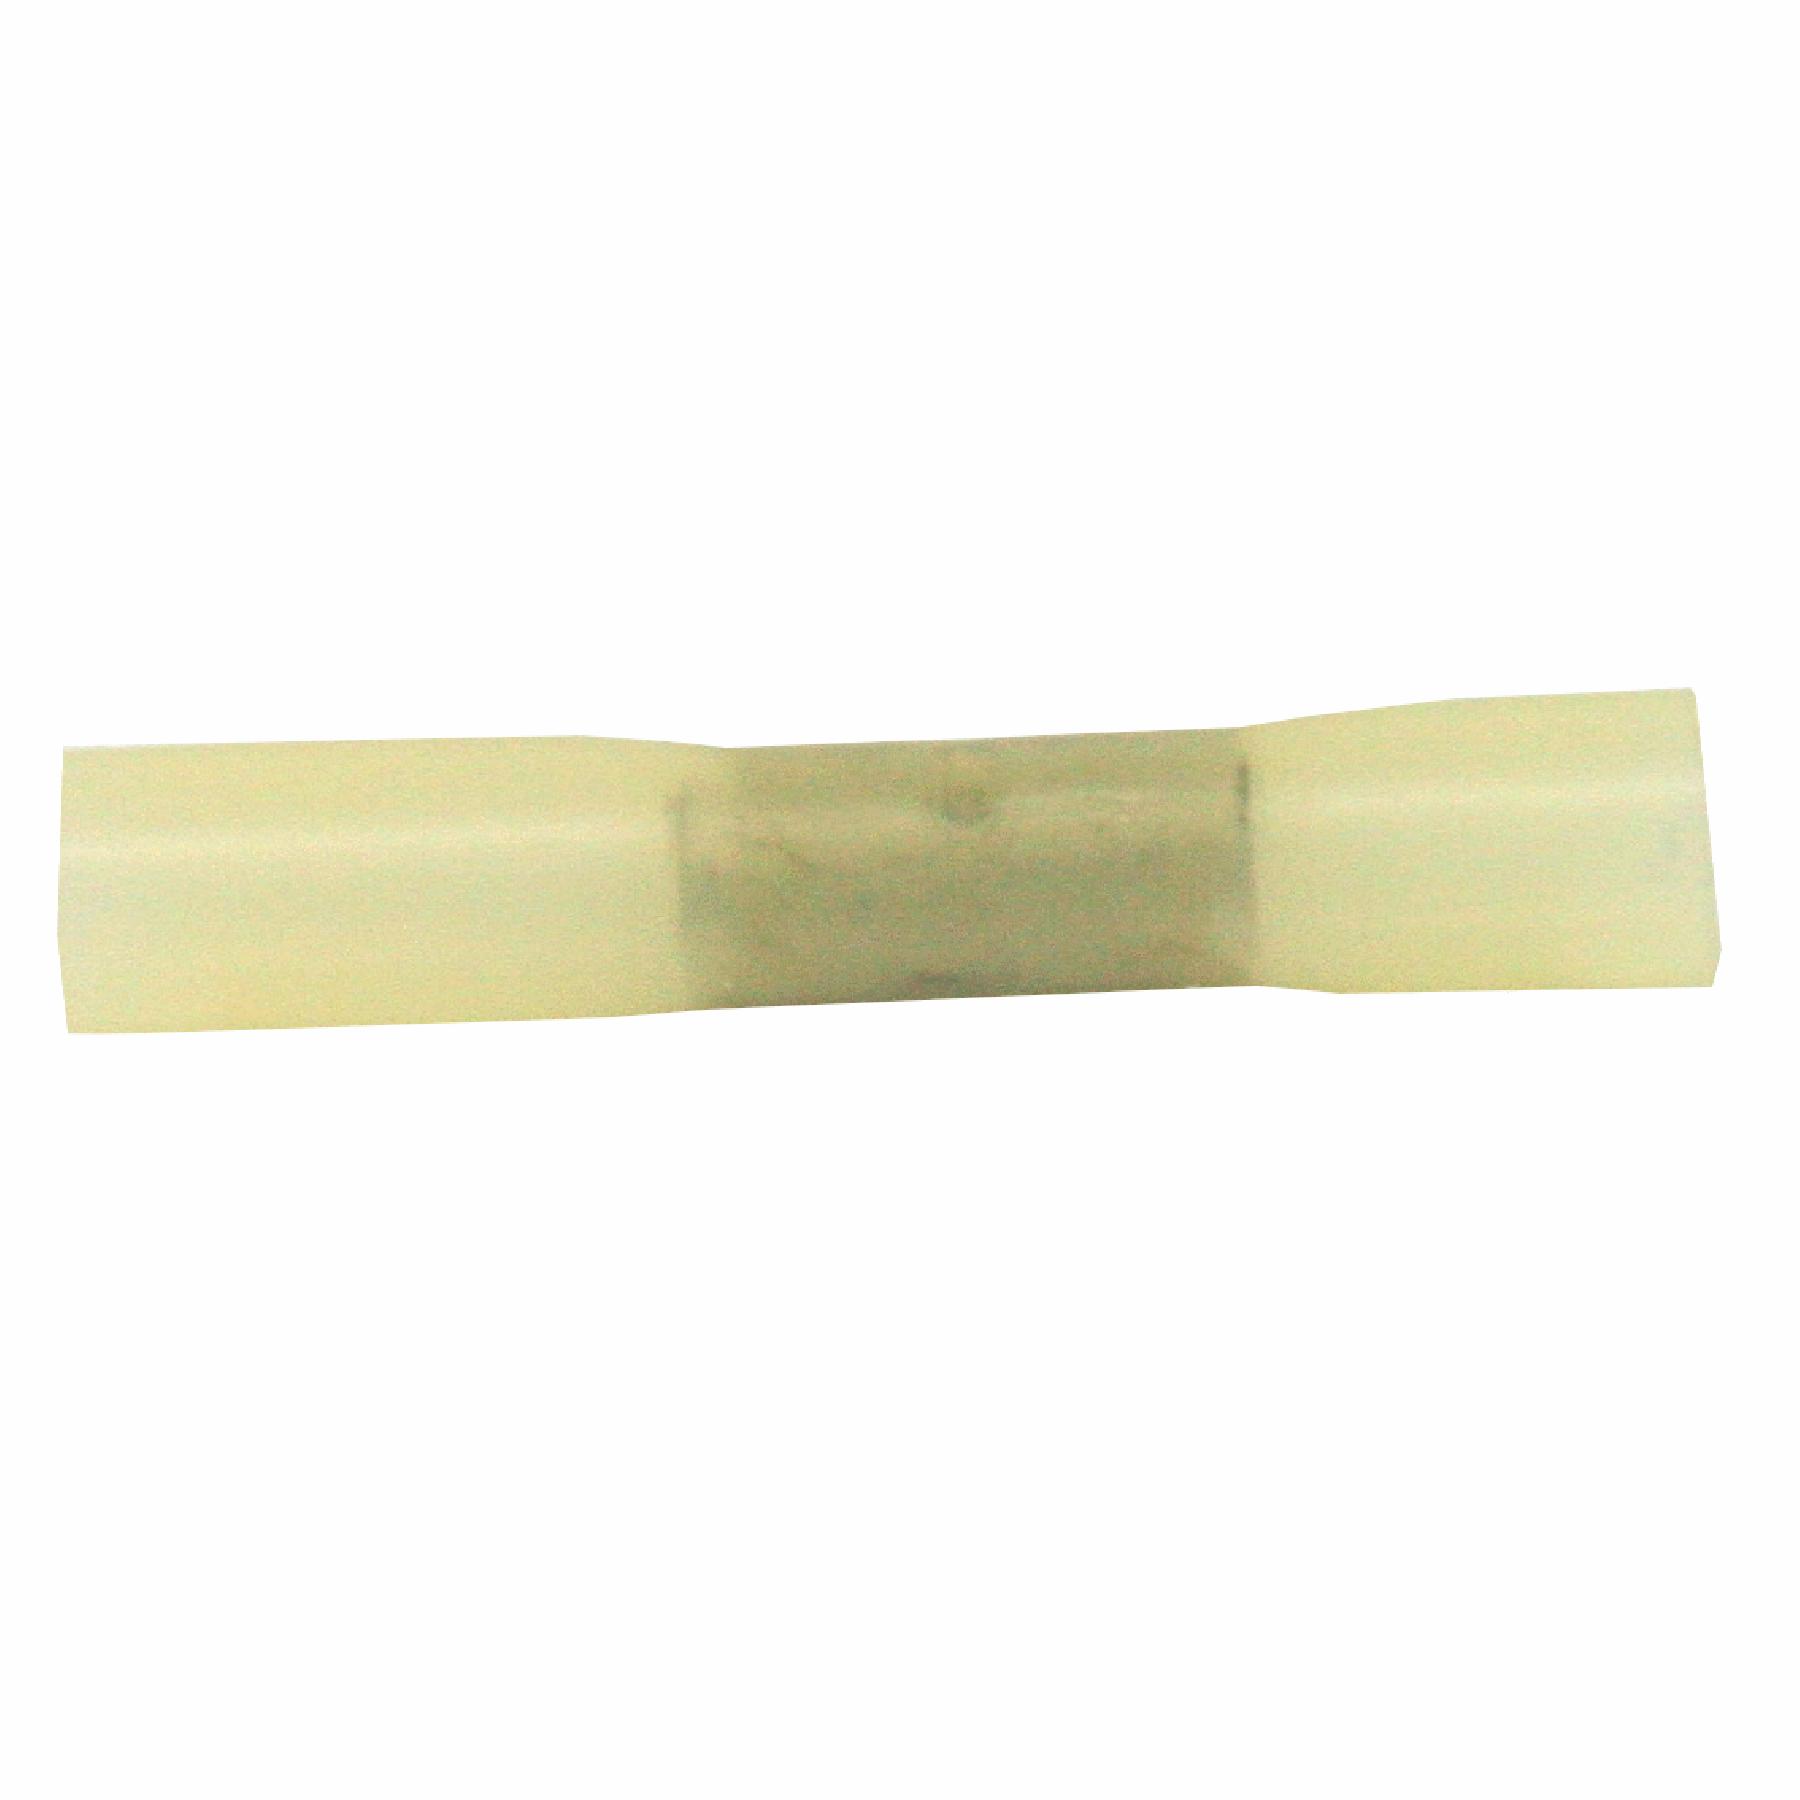 st. Doorverbinder krimp (Duraseal) geel